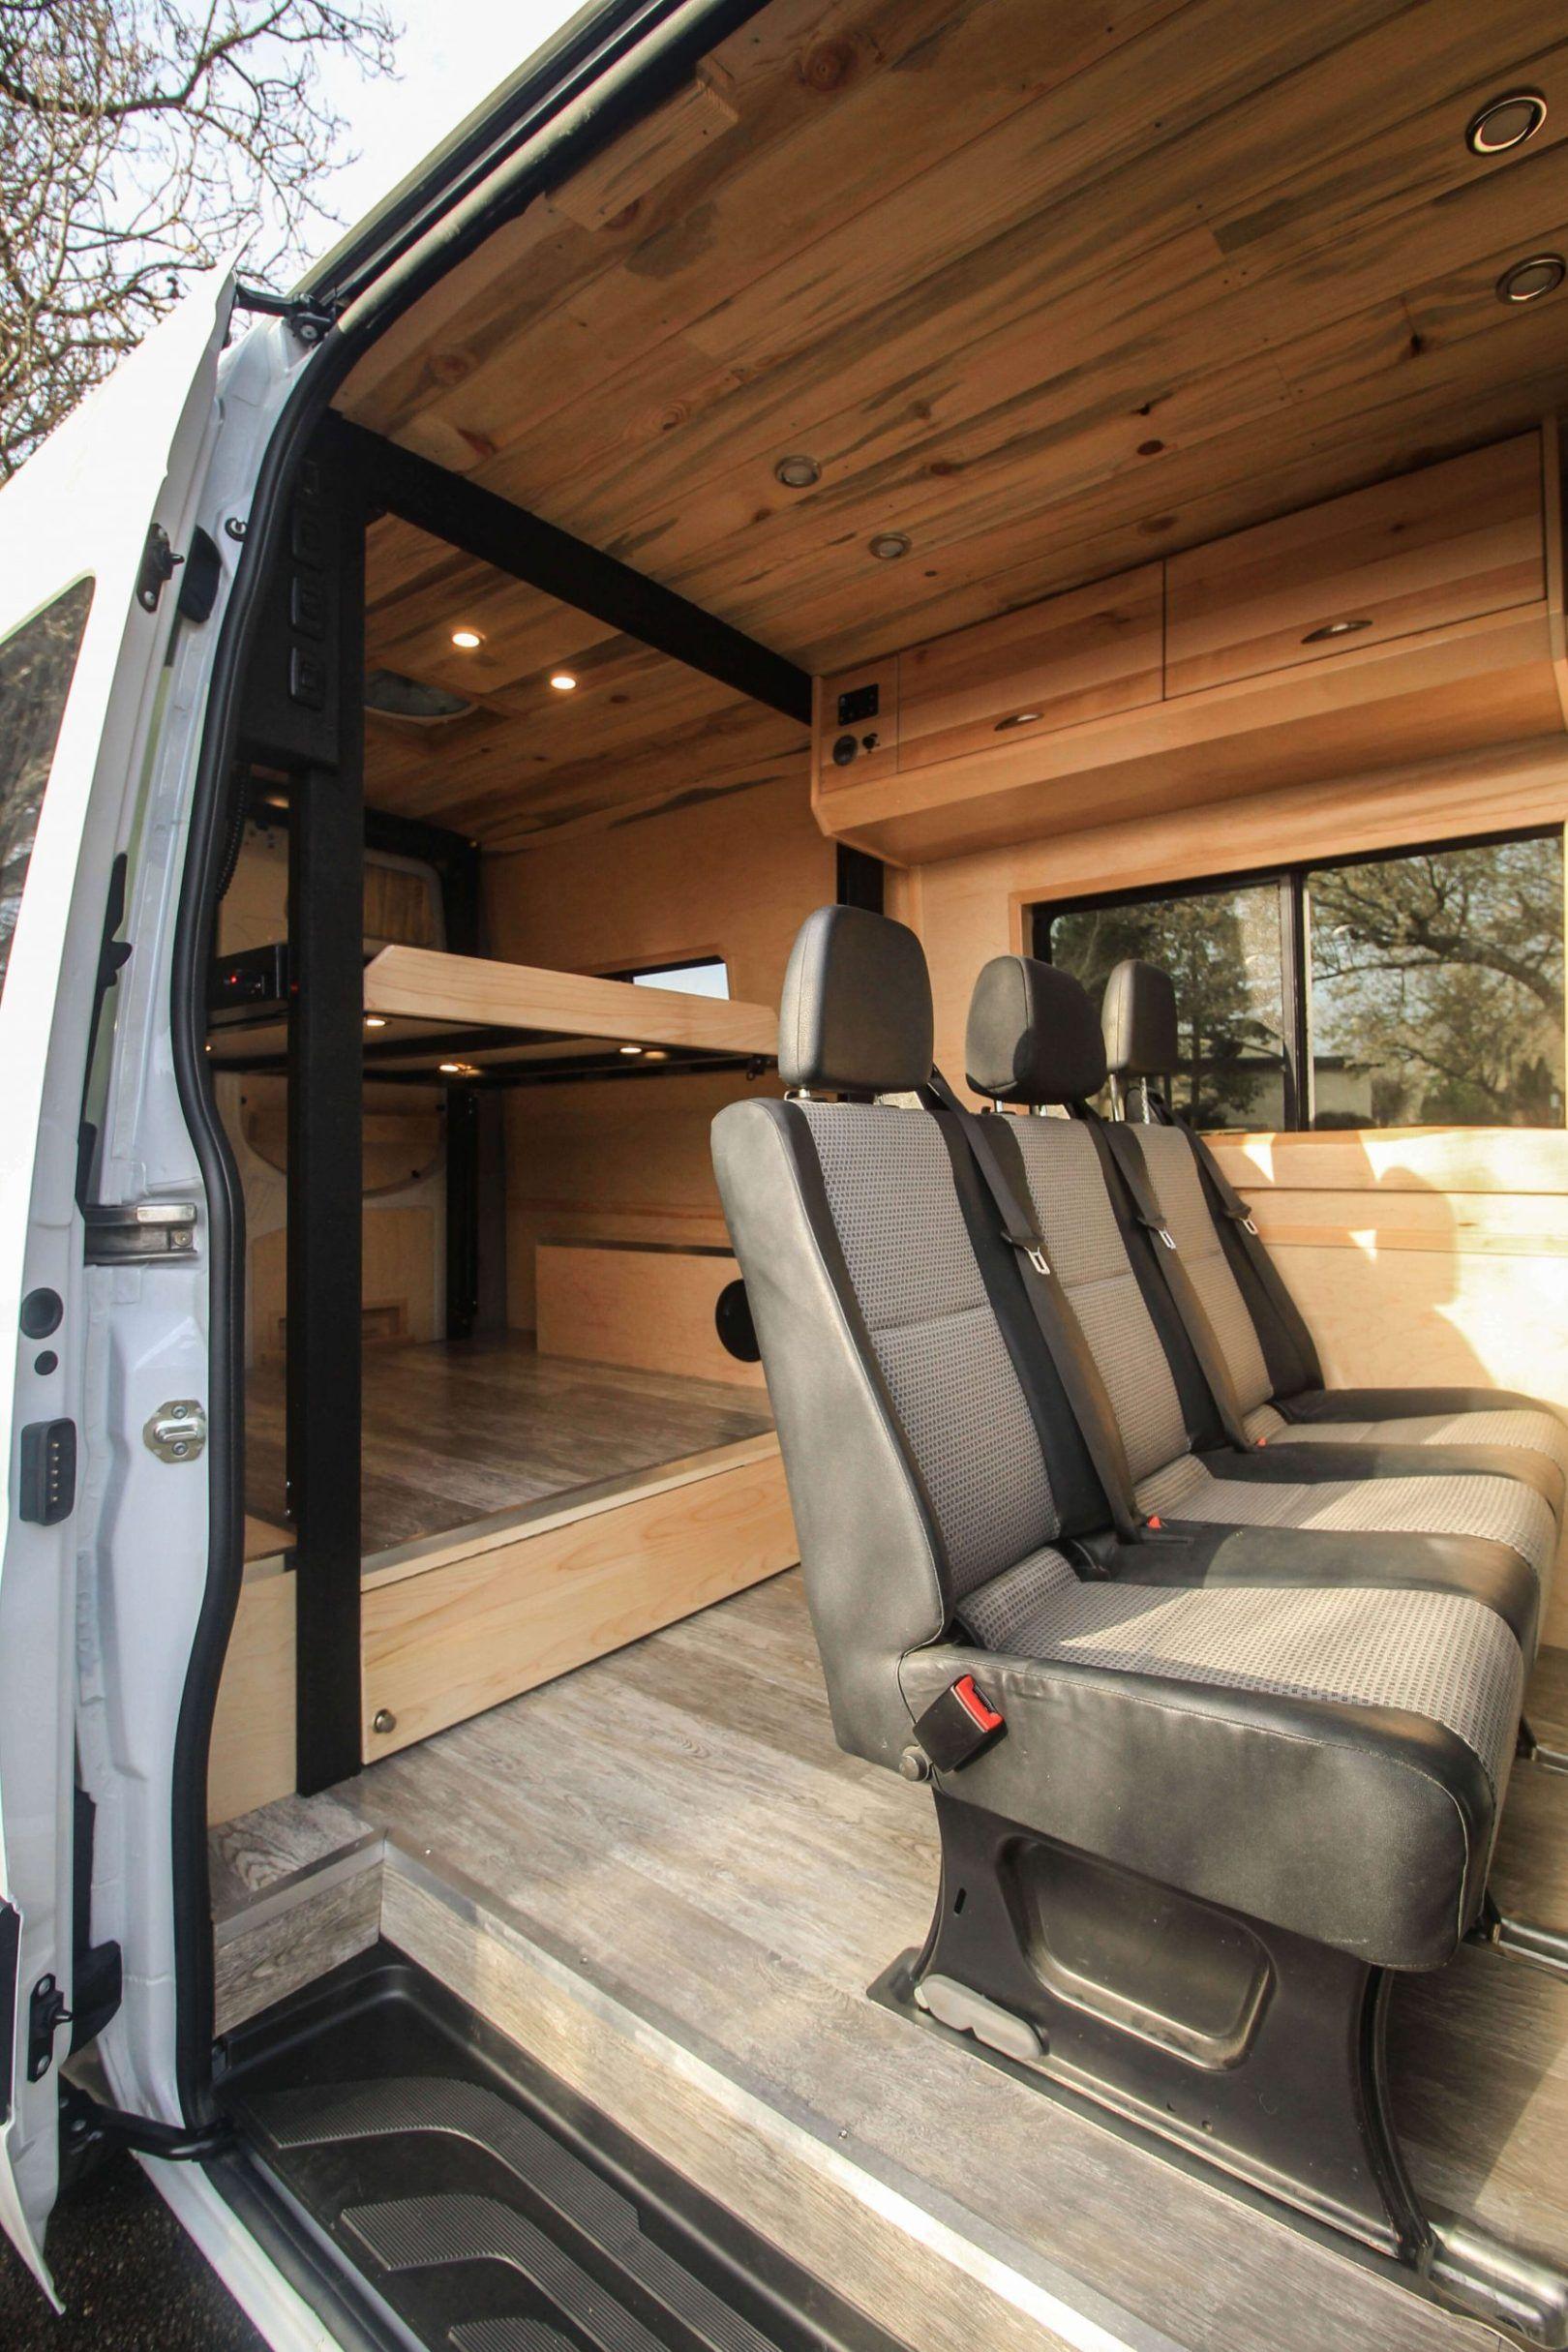 Clean Slate Freedom Vans Build A Camper Van Truck Bed Camper Sleeper Van